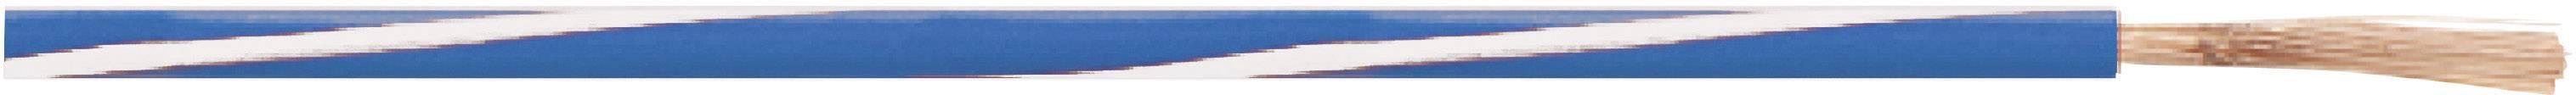 Lanko/ licna LappKabel X05V-K, 1 x 0.50 mm², vnější Ø 2.10 mm, modrá, bílá, metrové zboží